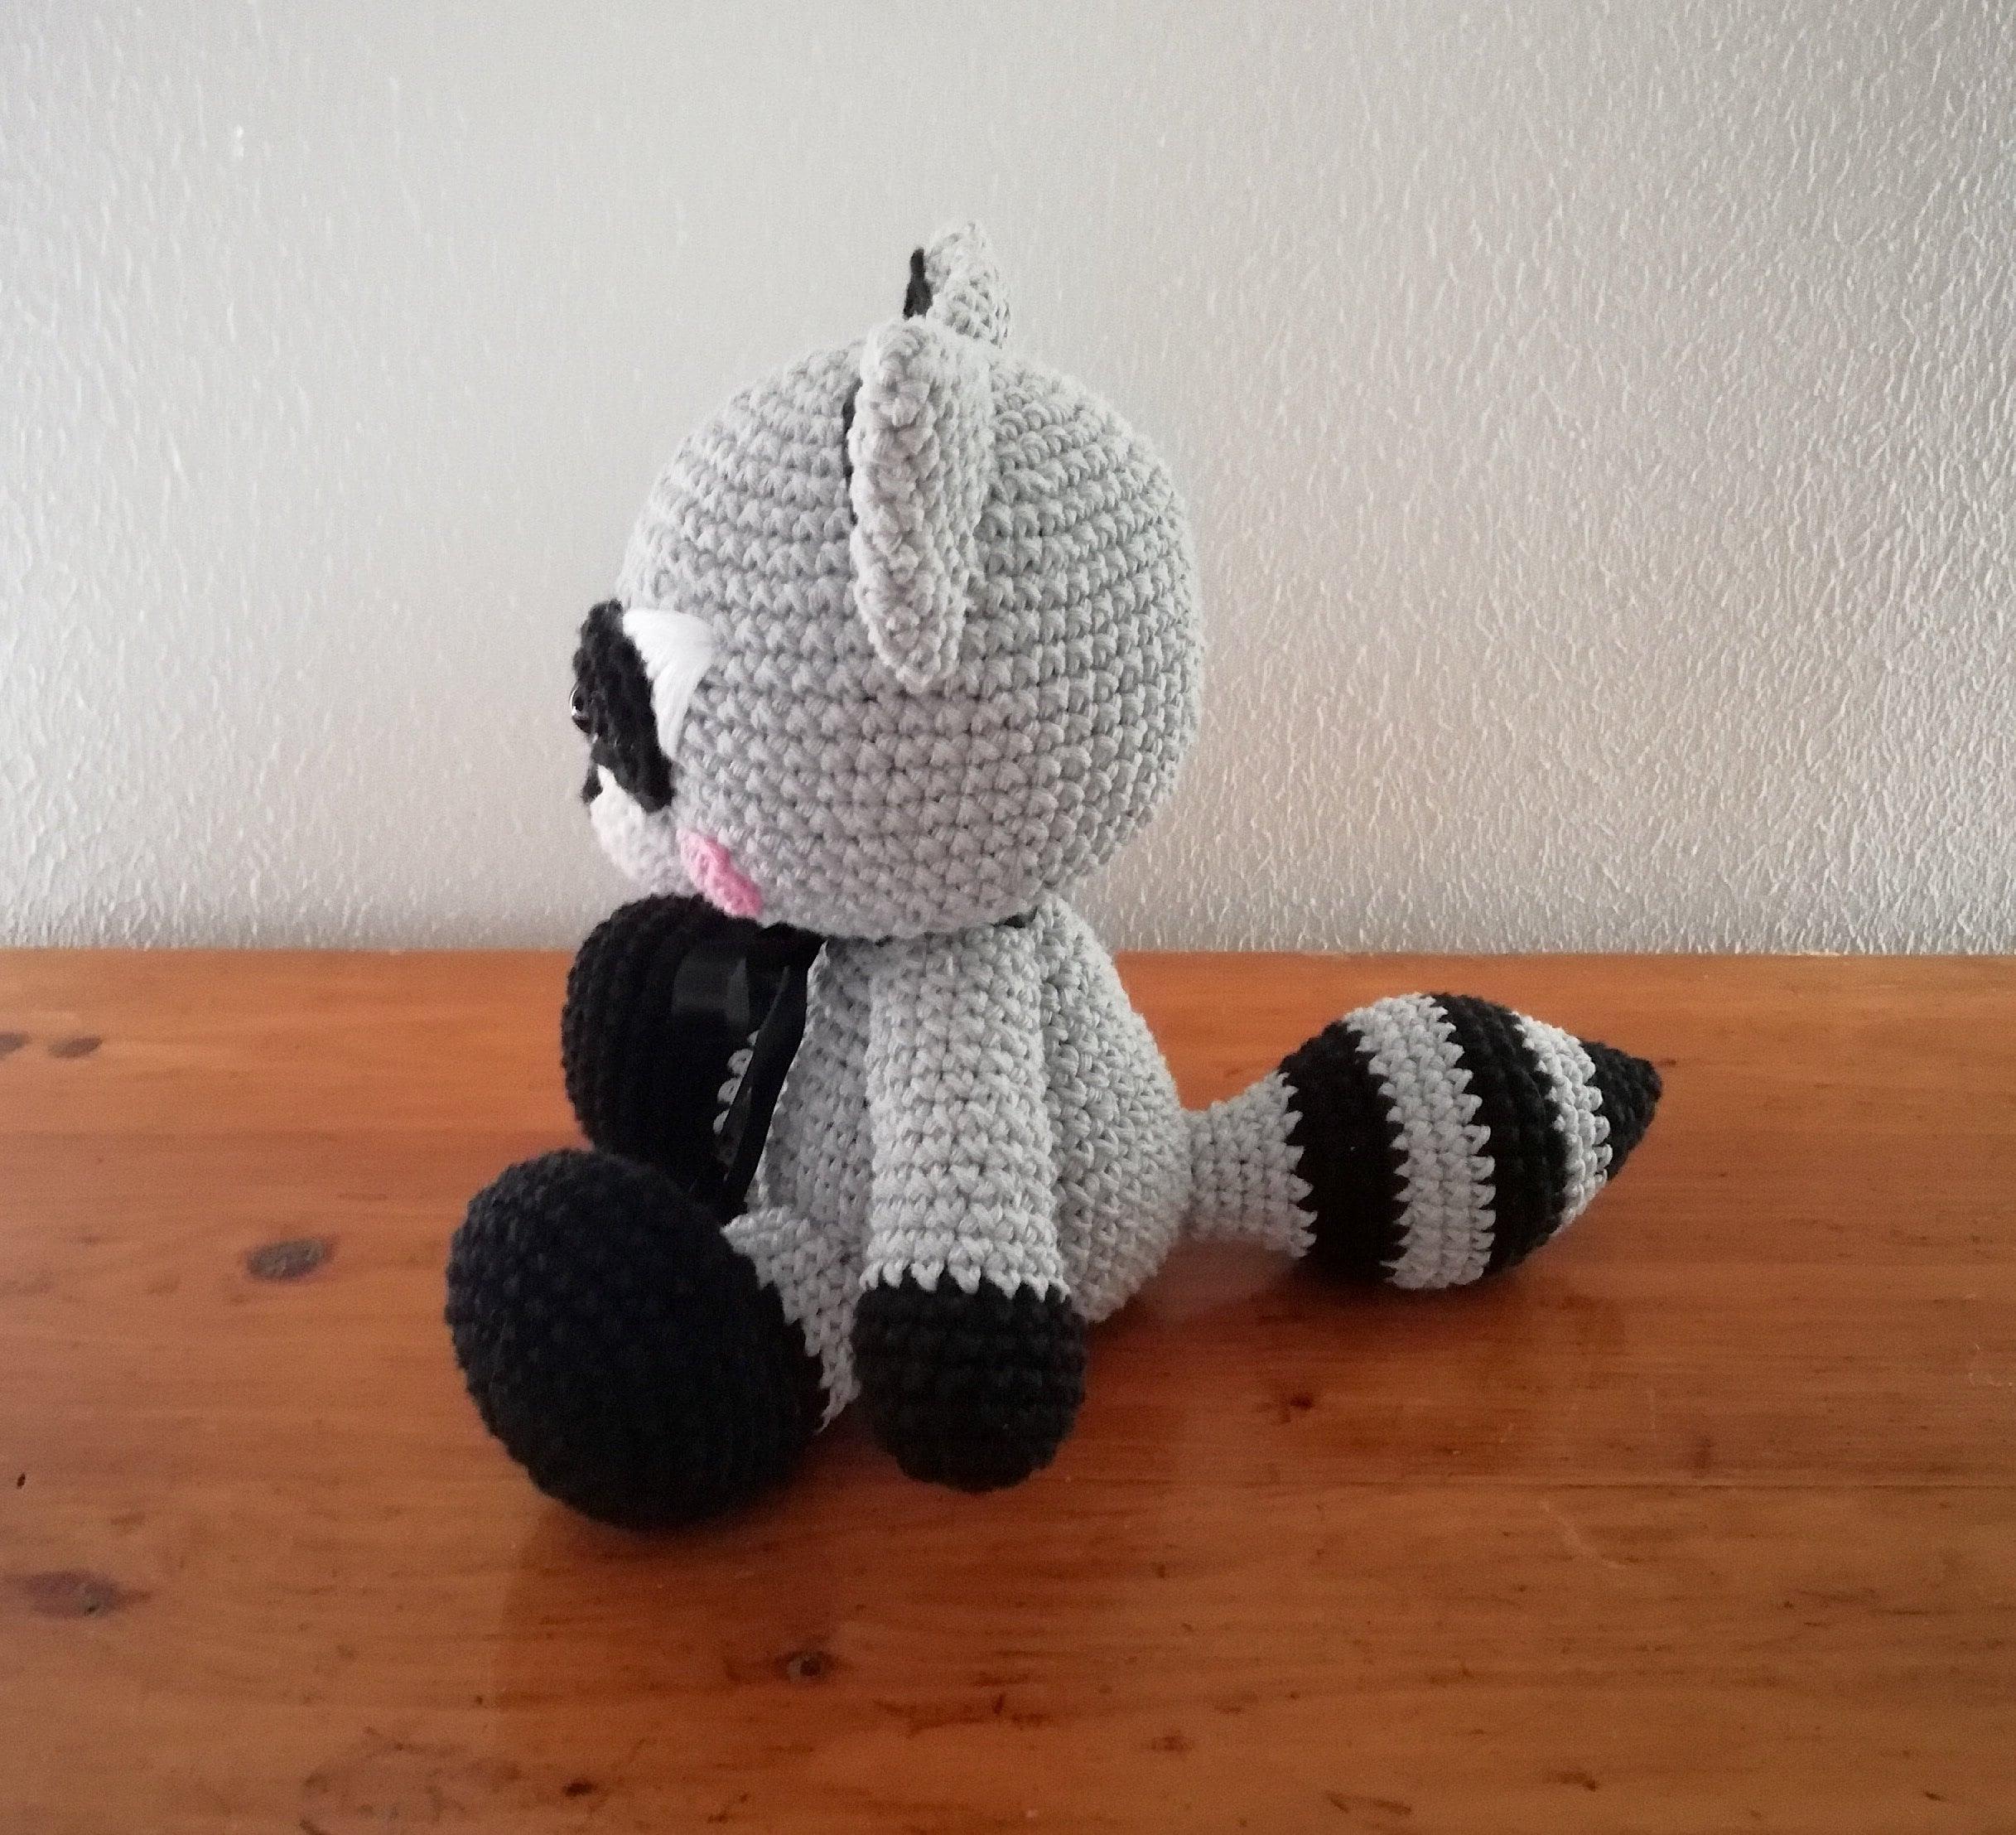 Gray Bandit Raccoon Handmade Amigurumi Stuffed Toy Knit Crochet ... | 2215x2434